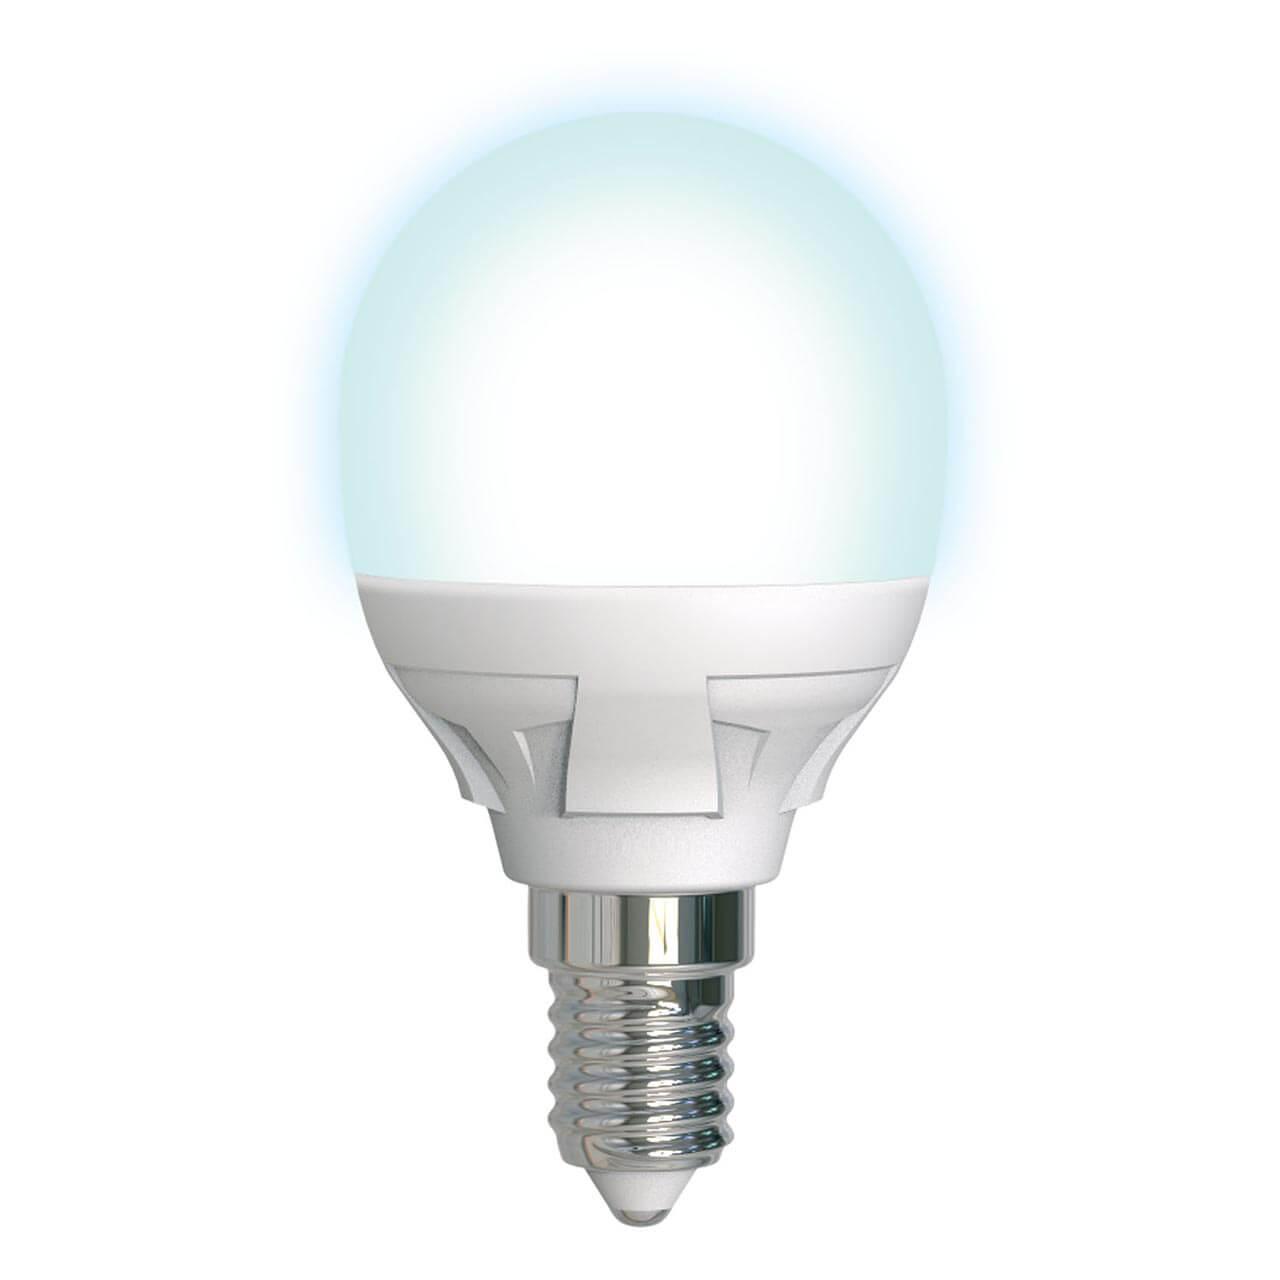 Лампа светодиодная диммируемая (UL-00004300) E14 7W 4000K матовая LED-G45 7W/4000K/E14/FR/DIM PLP01WH